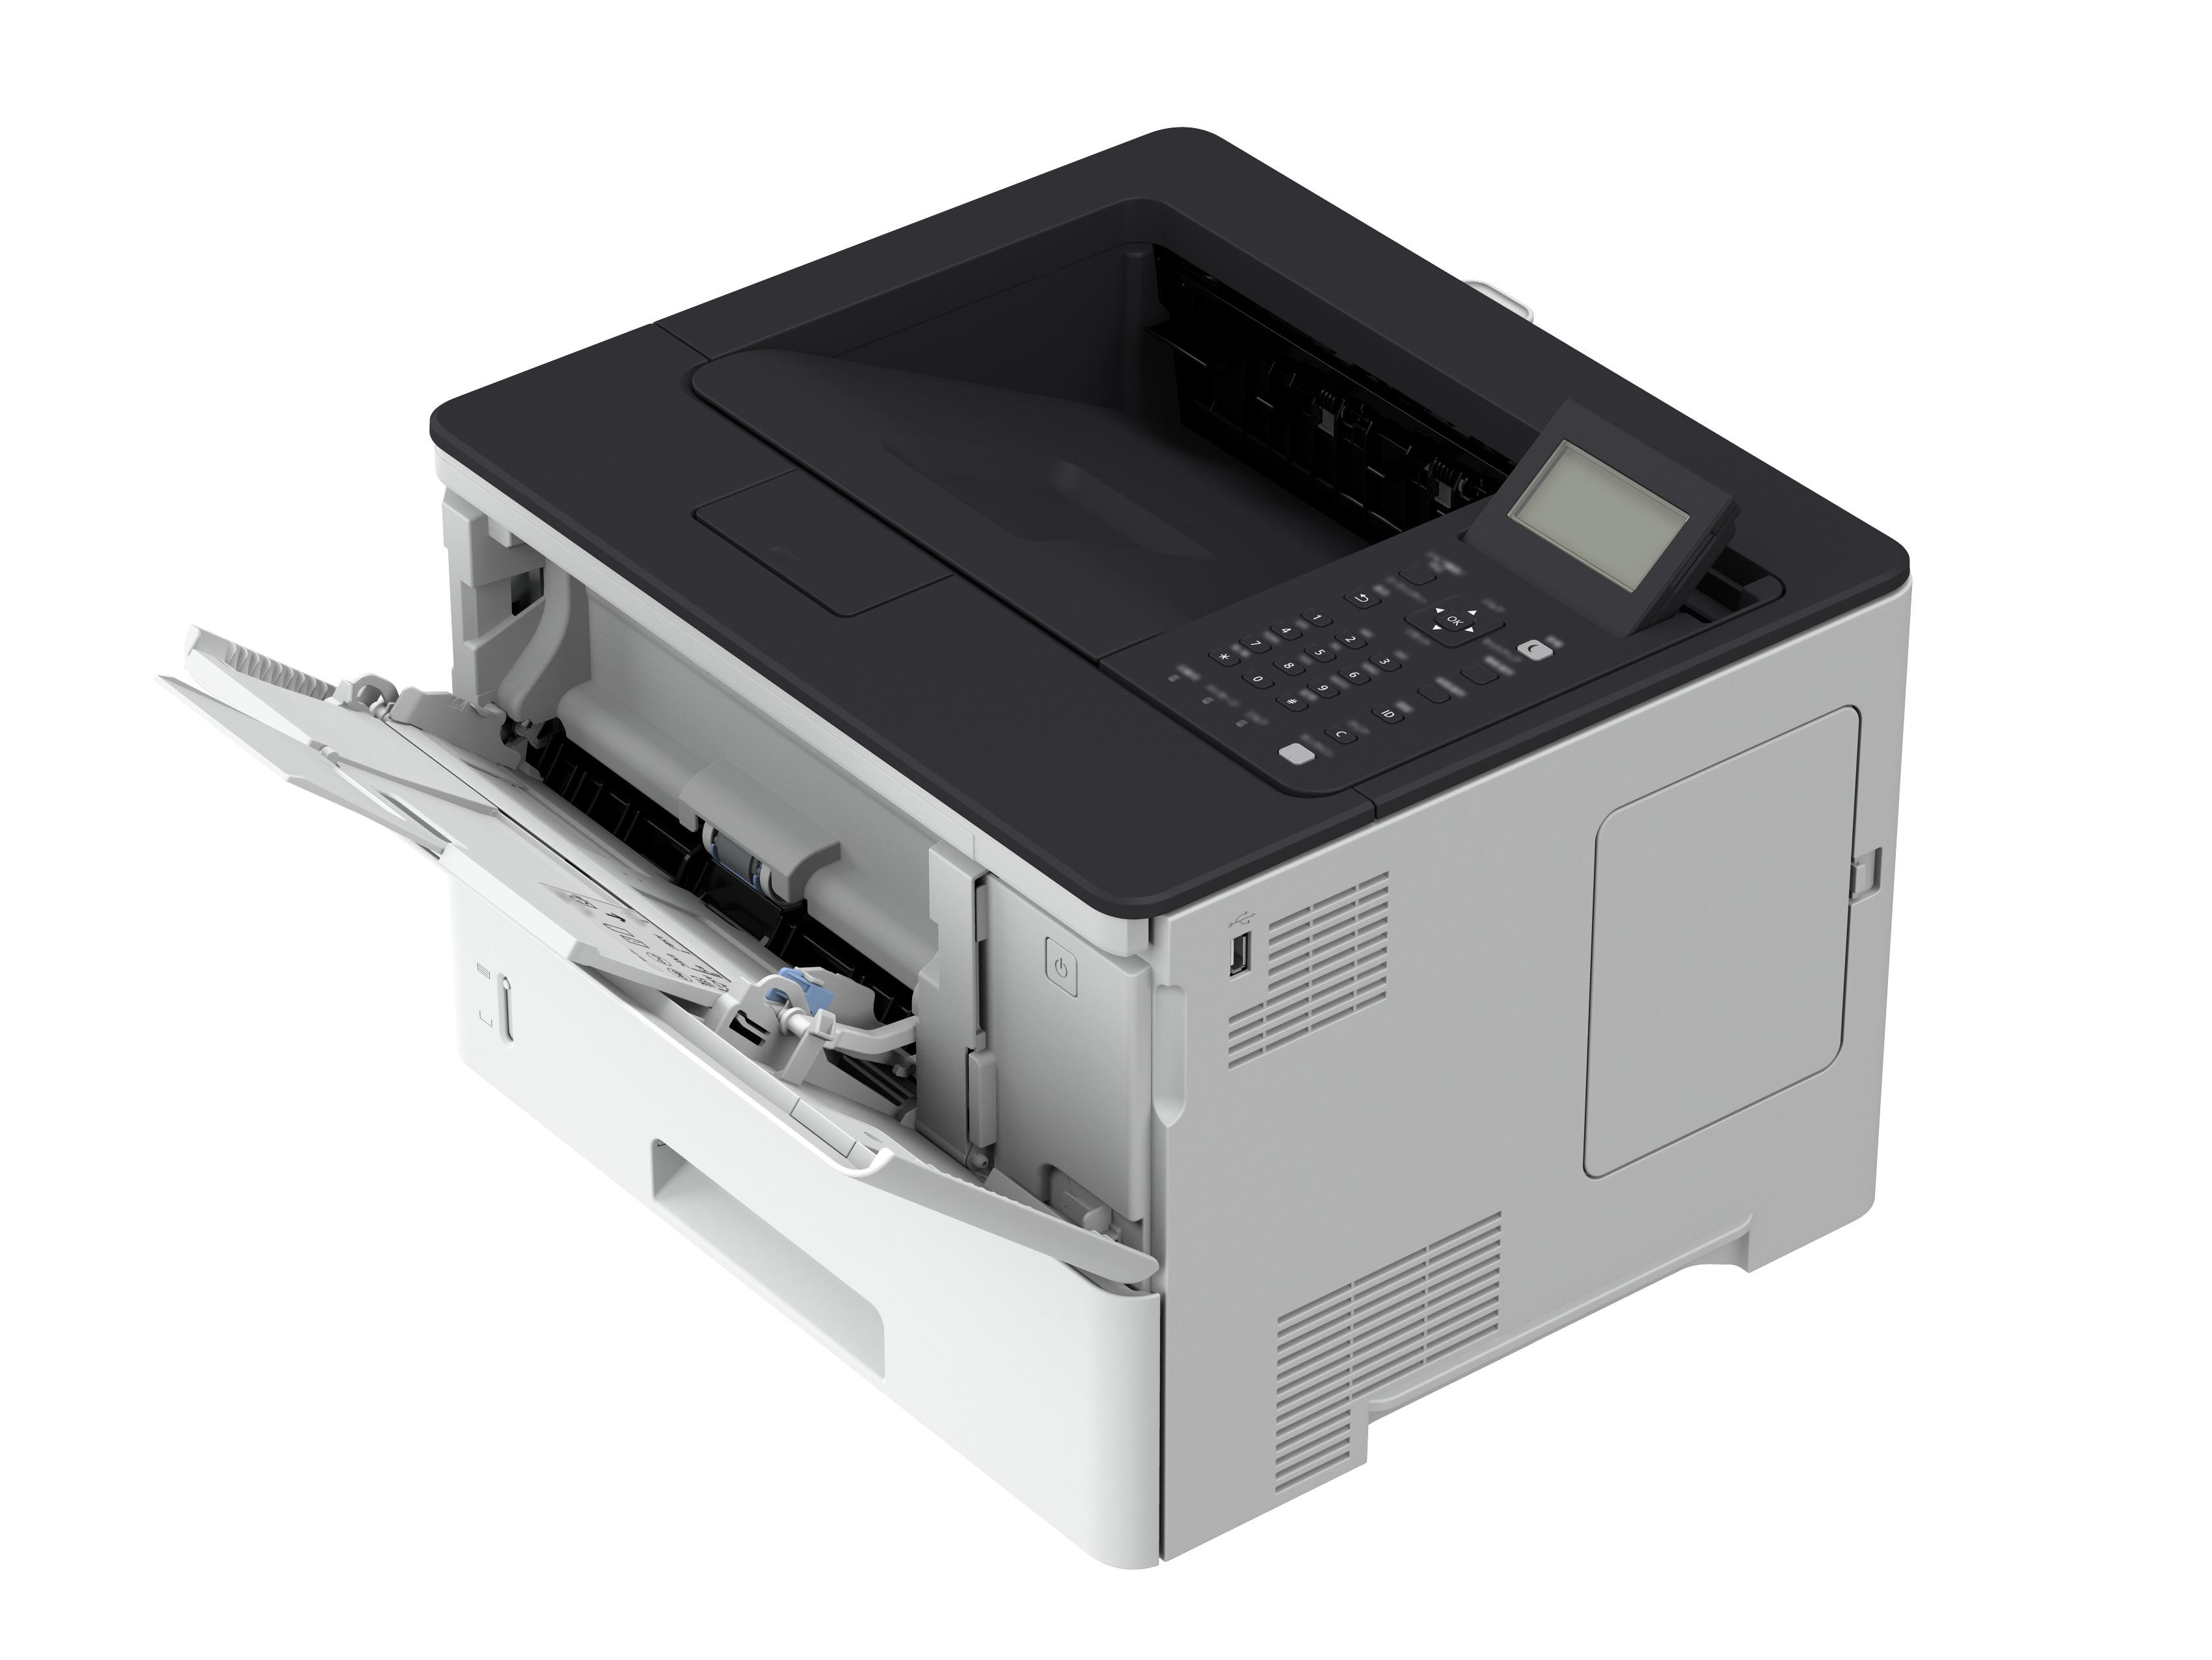 Принтер Canon i-SENSYS LBP312x для черно-белой печати (с 1 кассетой для бумаги на 550 листов)